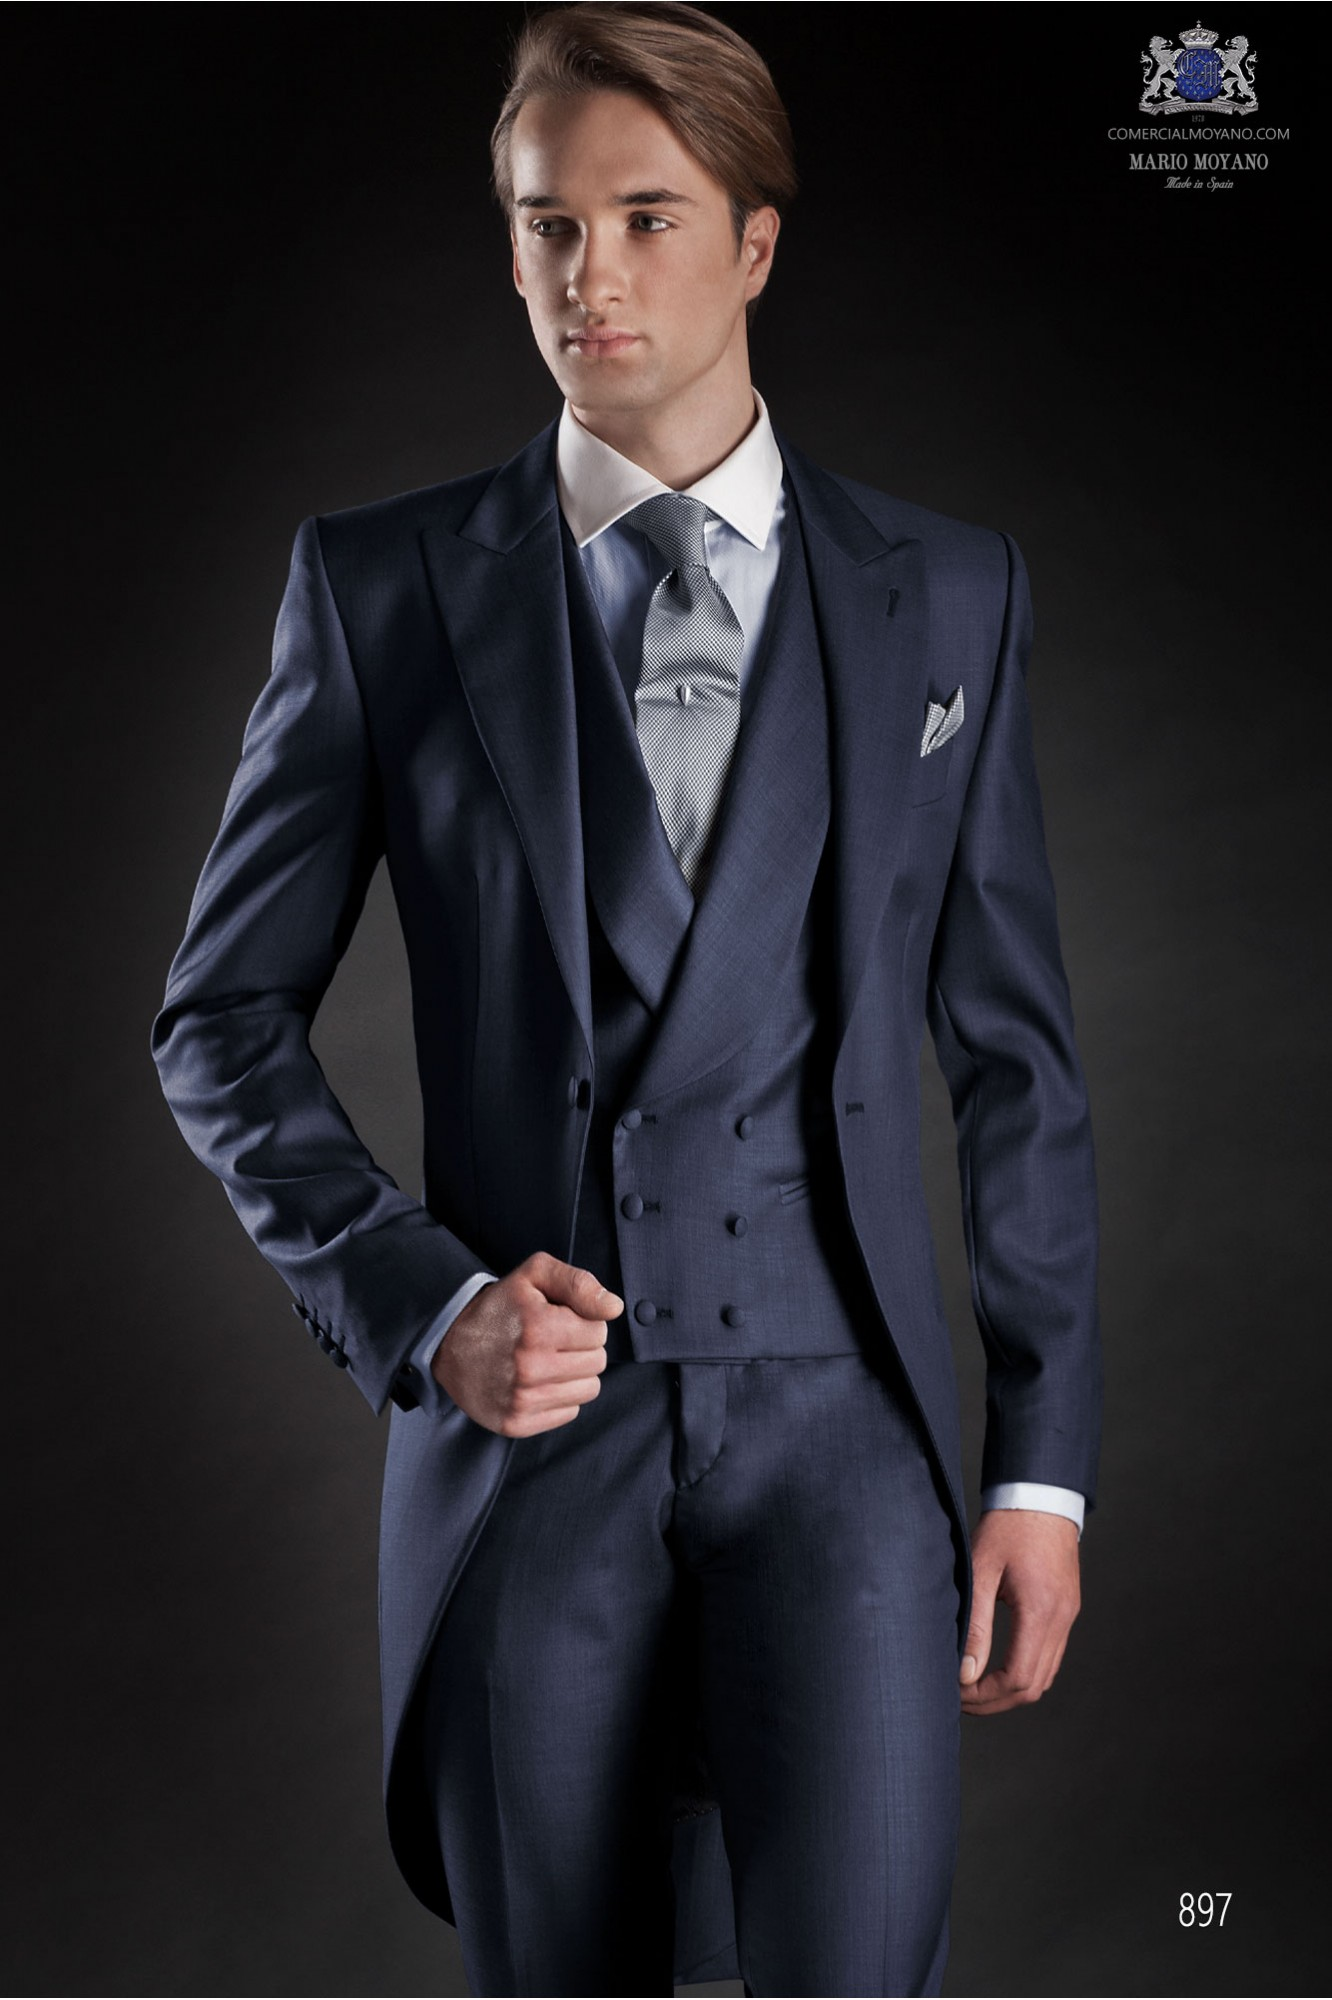 Traje de novio italiano azul modelo: 897 Ottavio Nuccio Gala colección Gentleman 2017